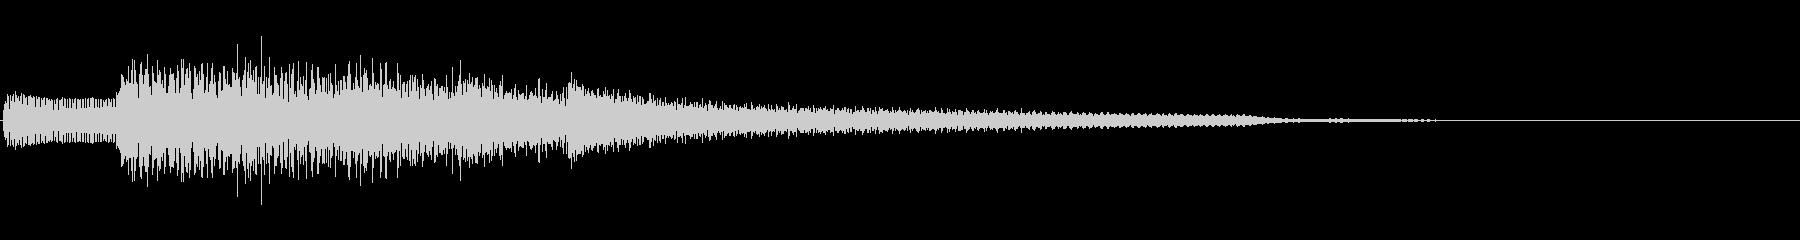 ジングル101iの未再生の波形